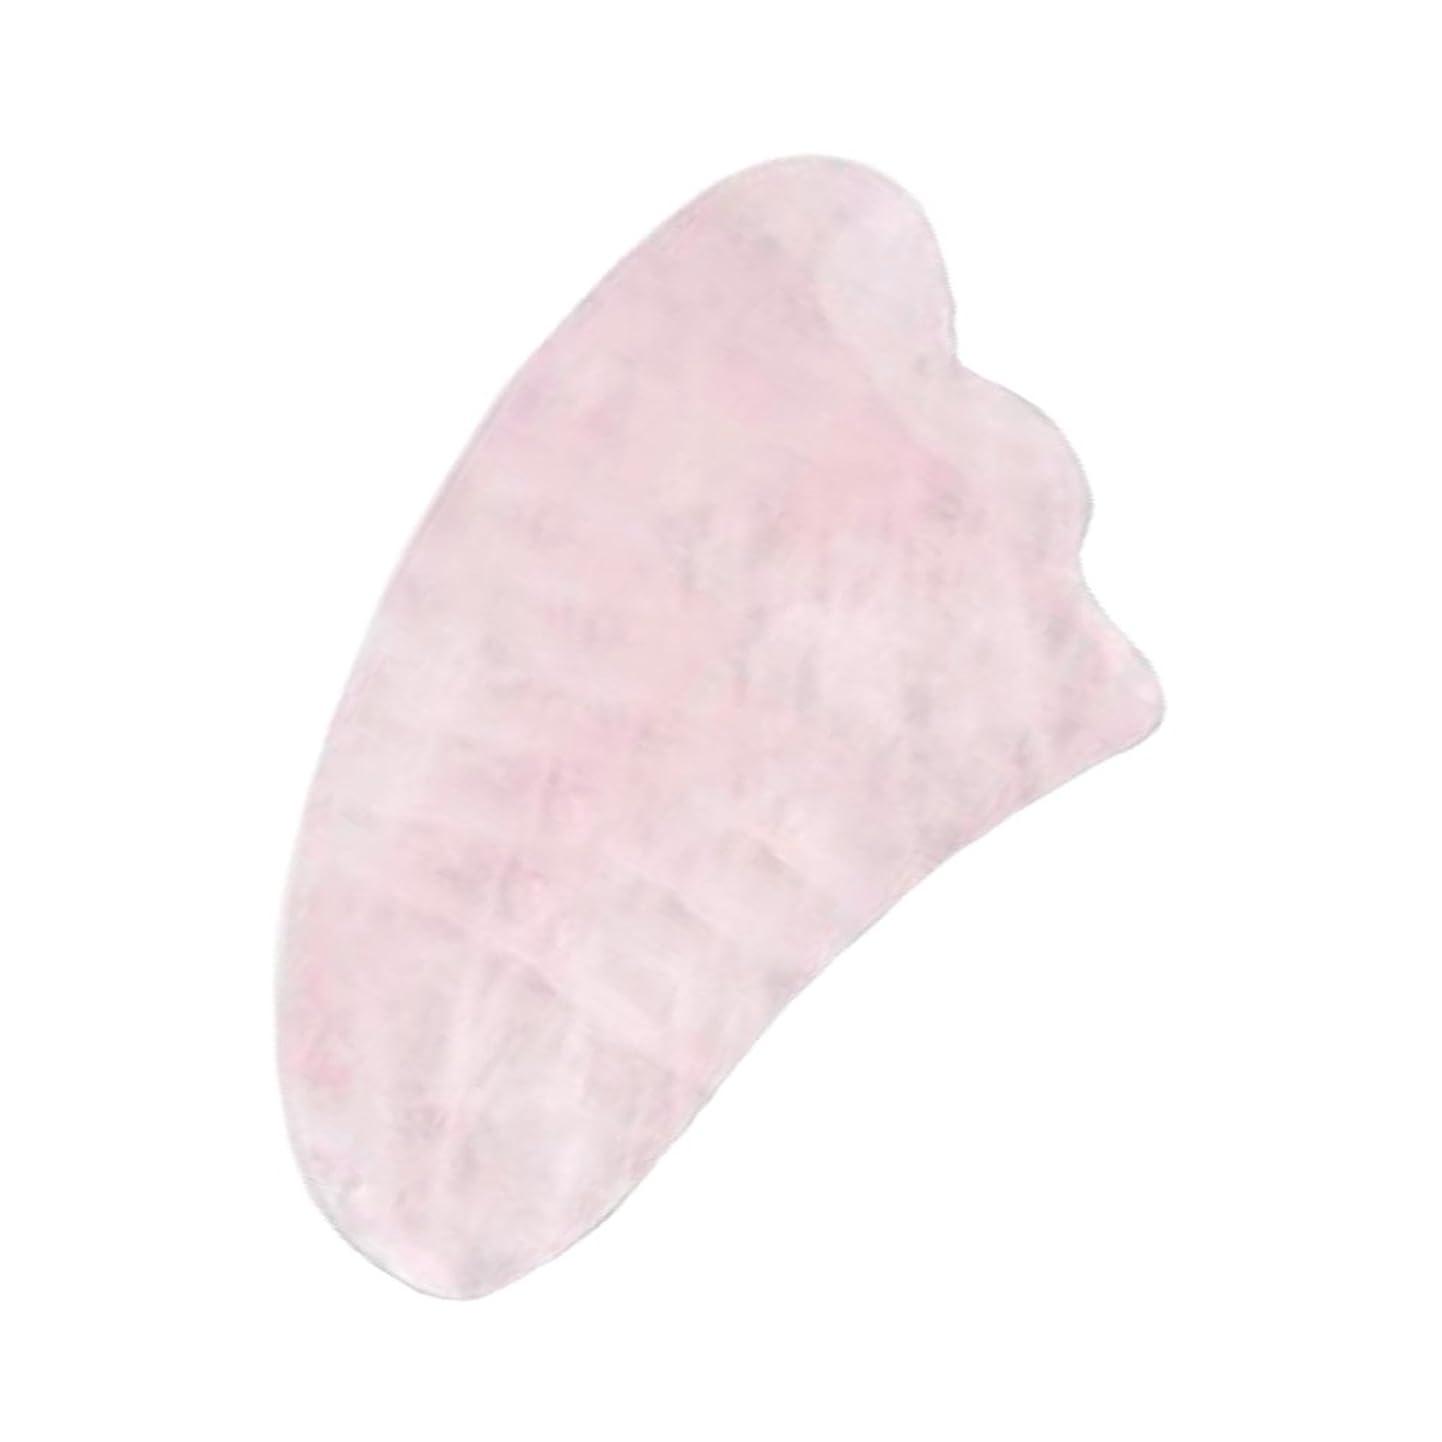 はちみつケイ素特徴づけるかっさプレート パワーストーン 美顔 天然石 ローズクォーツ 羽根型 ボディ マッサージ かっさマッサージ 刮痧 ウィング型 健康グッズ